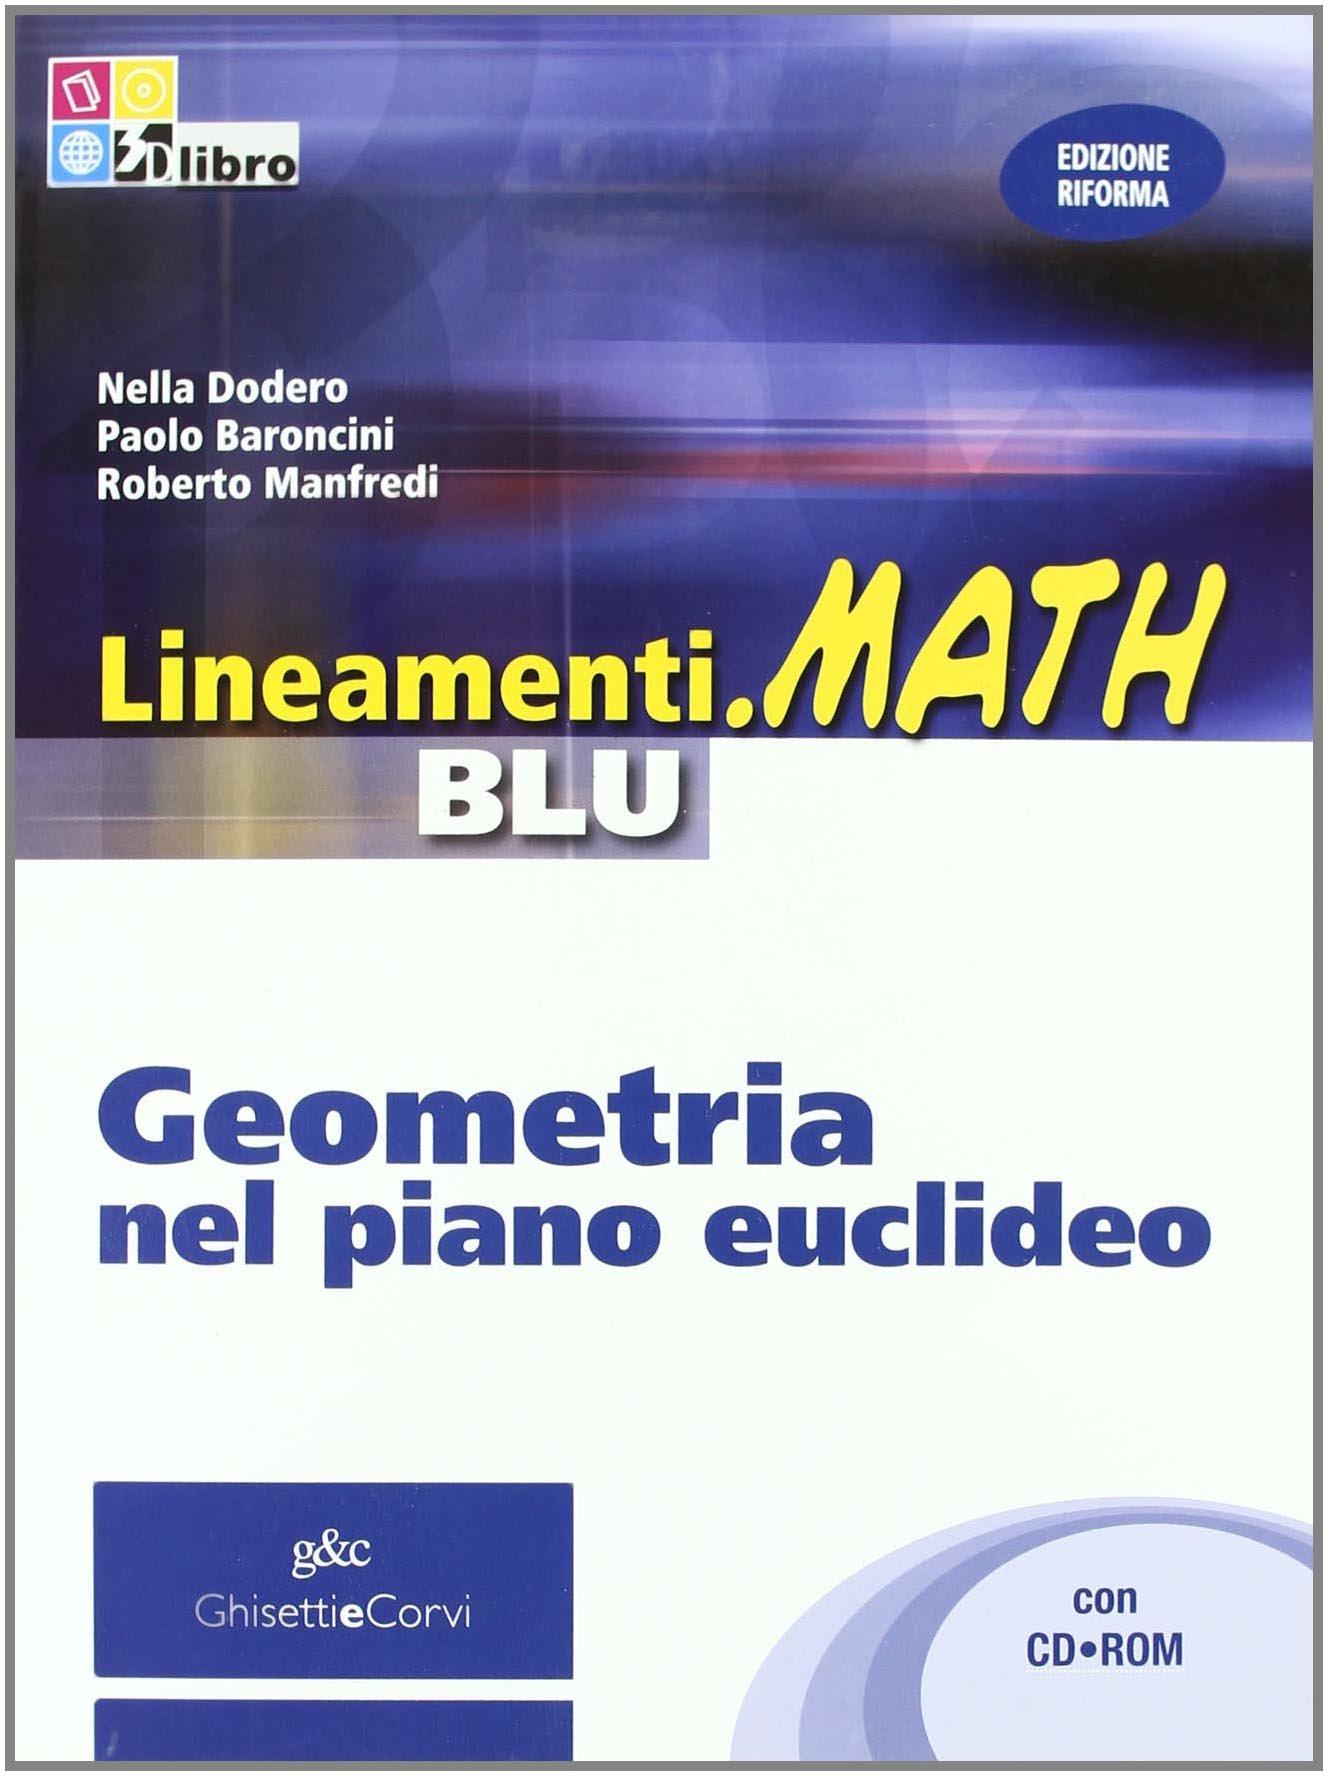 Lineamenti Math Blu Geometria nel piano euclideo